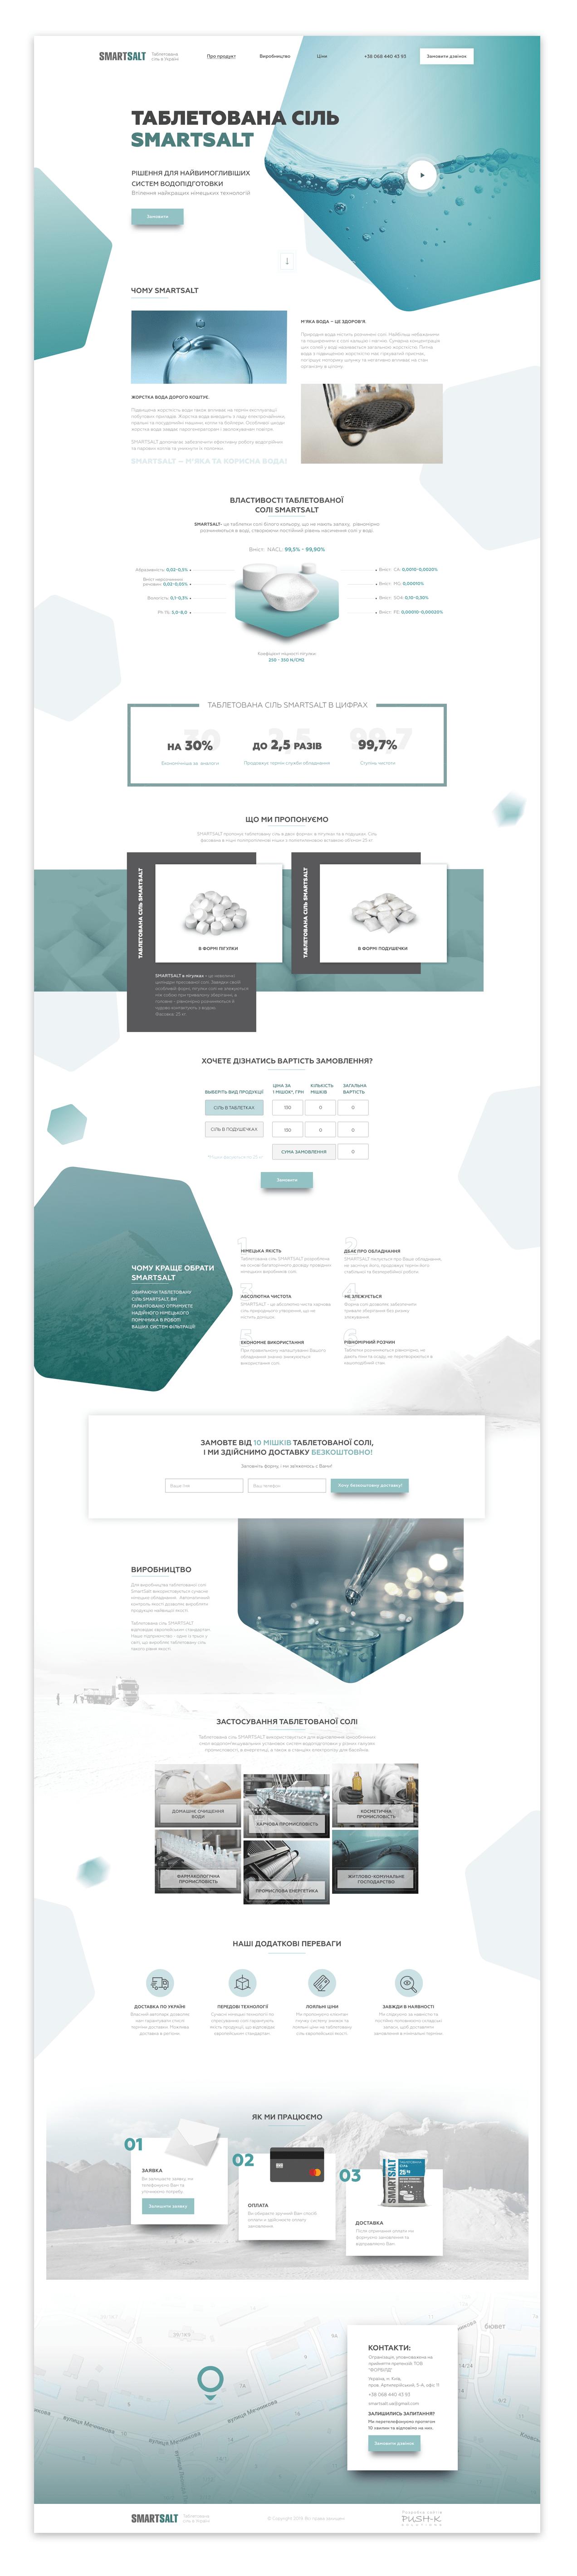 Landing Page web design for salt